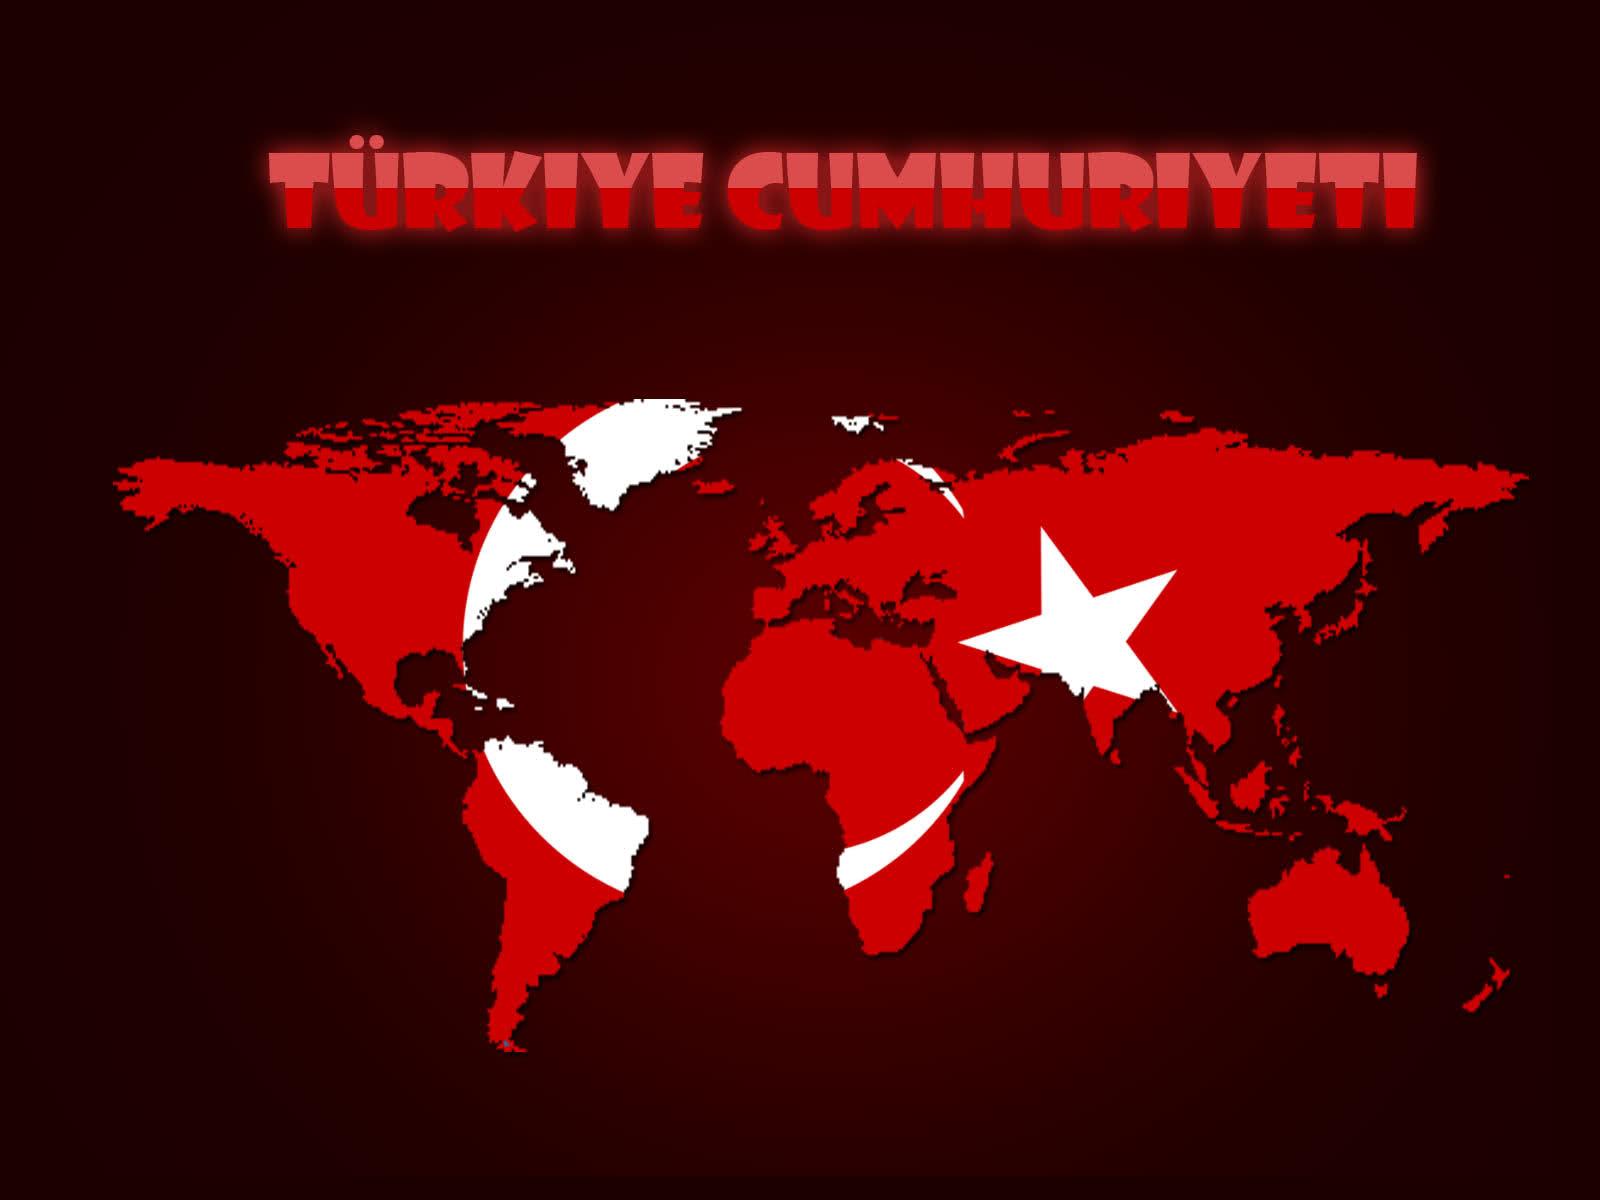 http://2.bp.blogspot.com/-ZaiX6j-ZRDU/UDe8xEt0yiI/AAAAAAAACns/ZEKP2Q29g3c/s1600/turkiye-cumhuriyeti_turkish-flag.blogspot.com.jpg